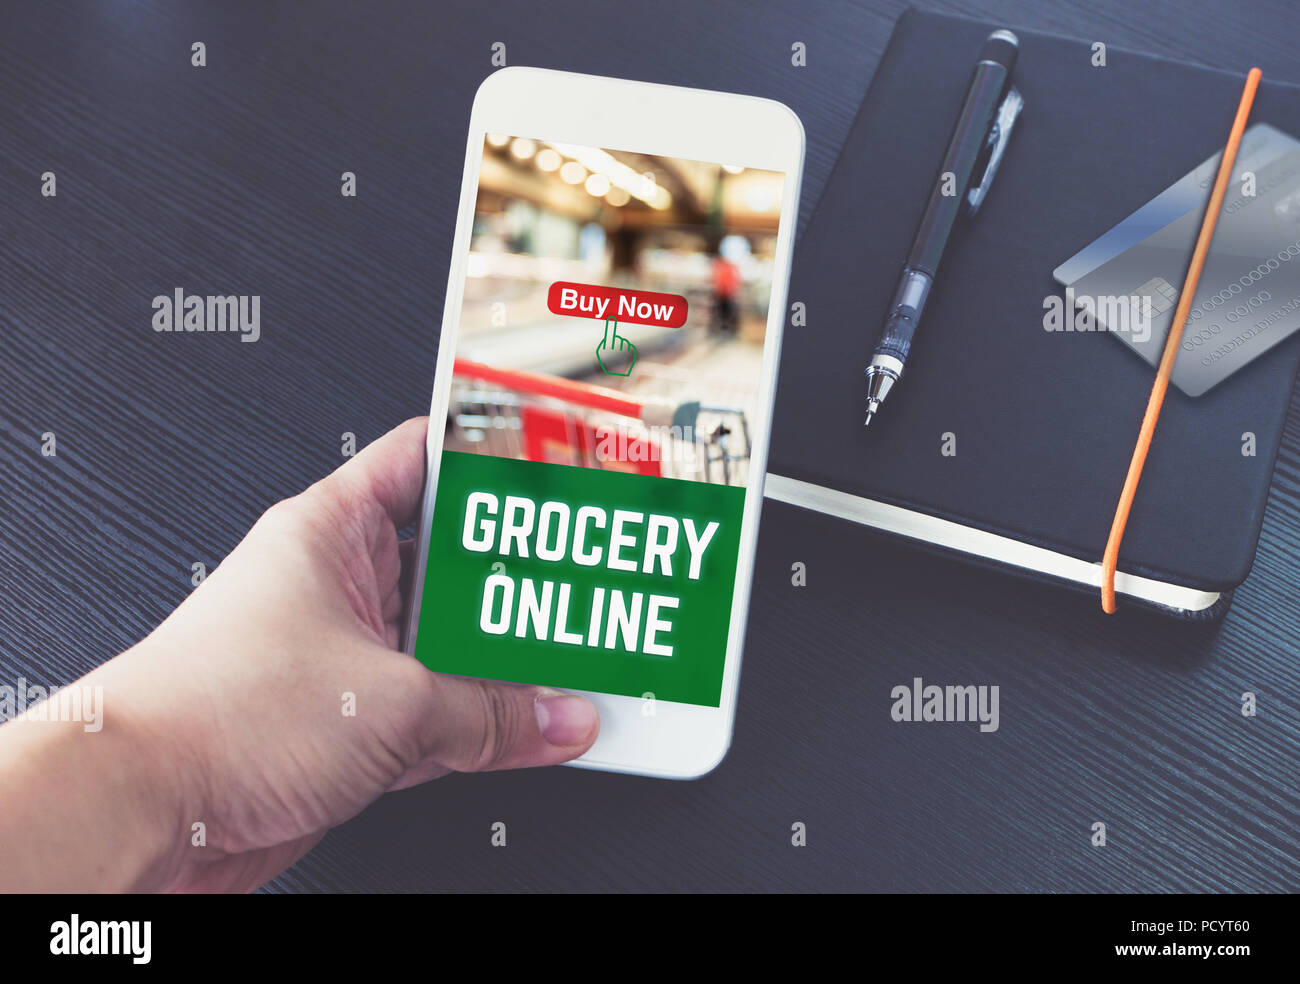 Mano Sujetando El Teléfono Móvil Y El Orden En Línea De Comestibles